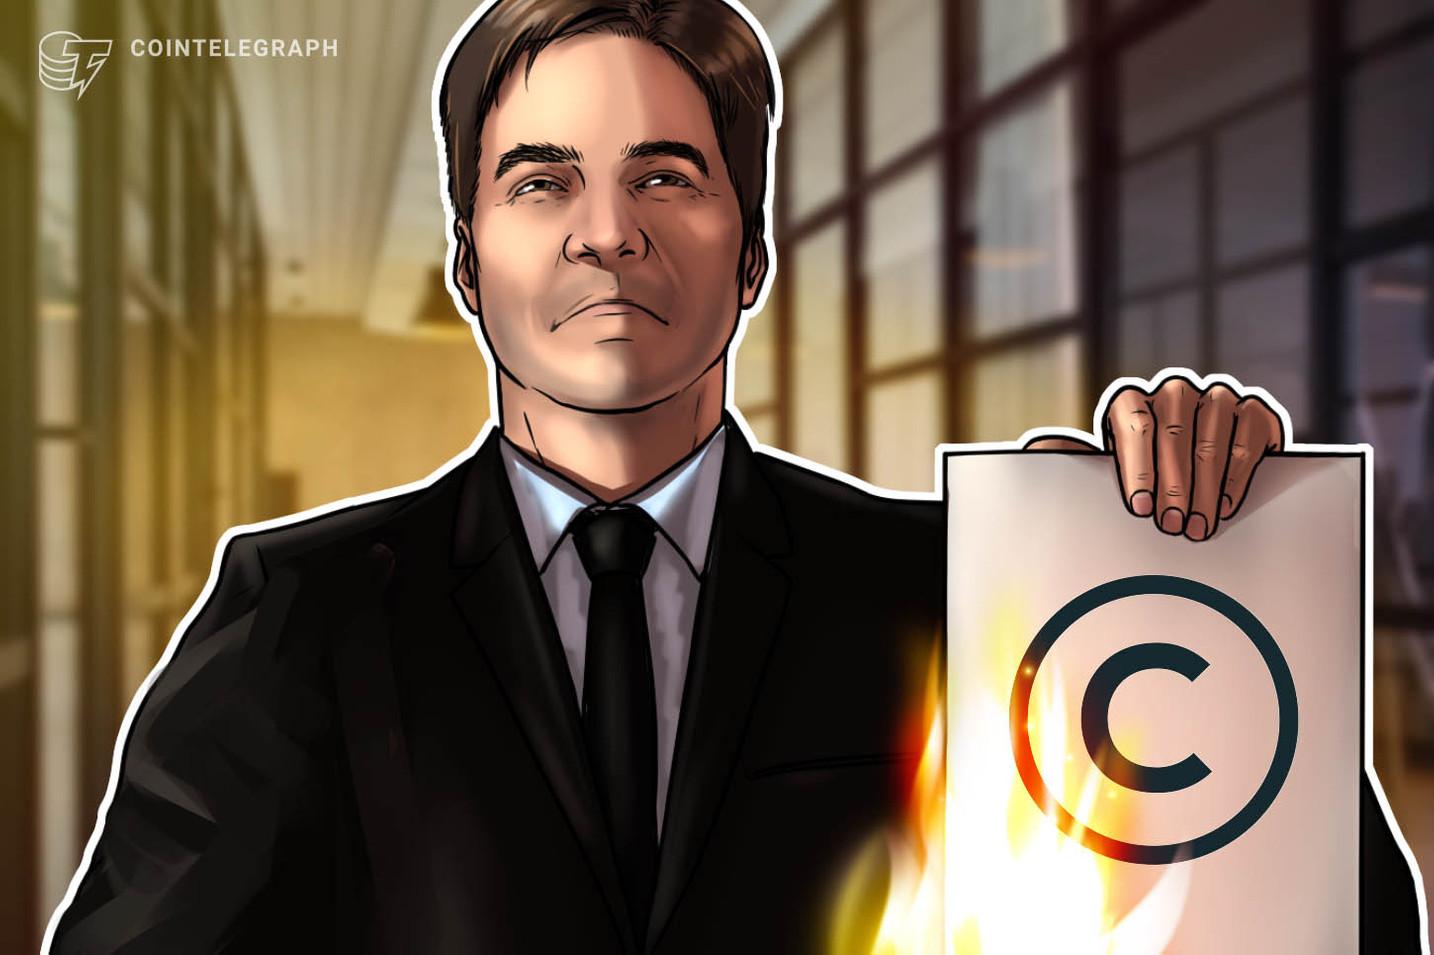 Desenvolvedor do Bitmessage: Craig Wright falsificou documentos sobre a criação do Bitcoin